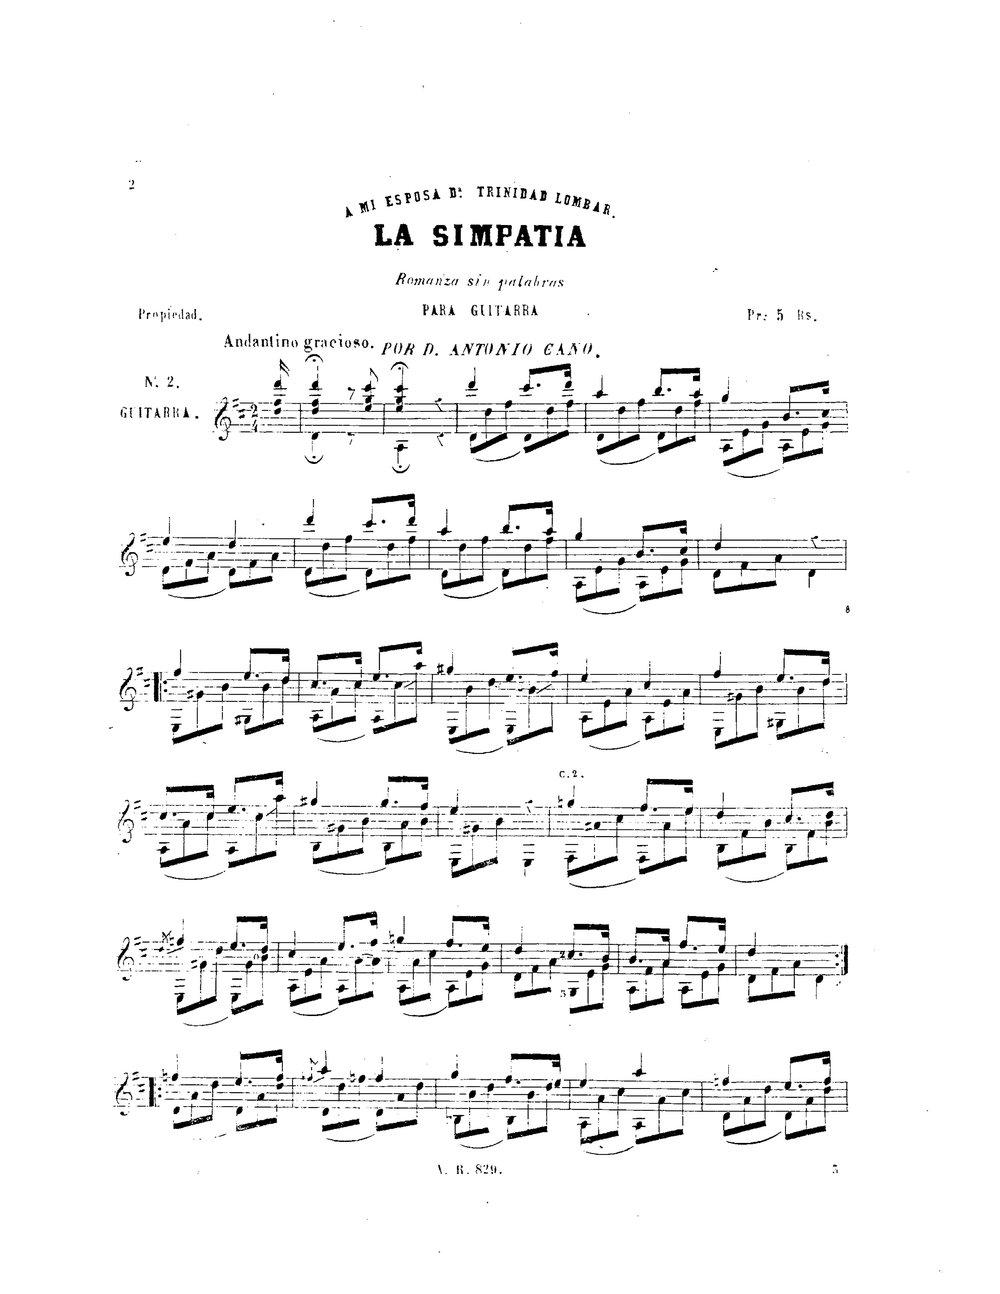 Album de composiciones de mediana dificultad (Cano, Antonio) 3.jpg